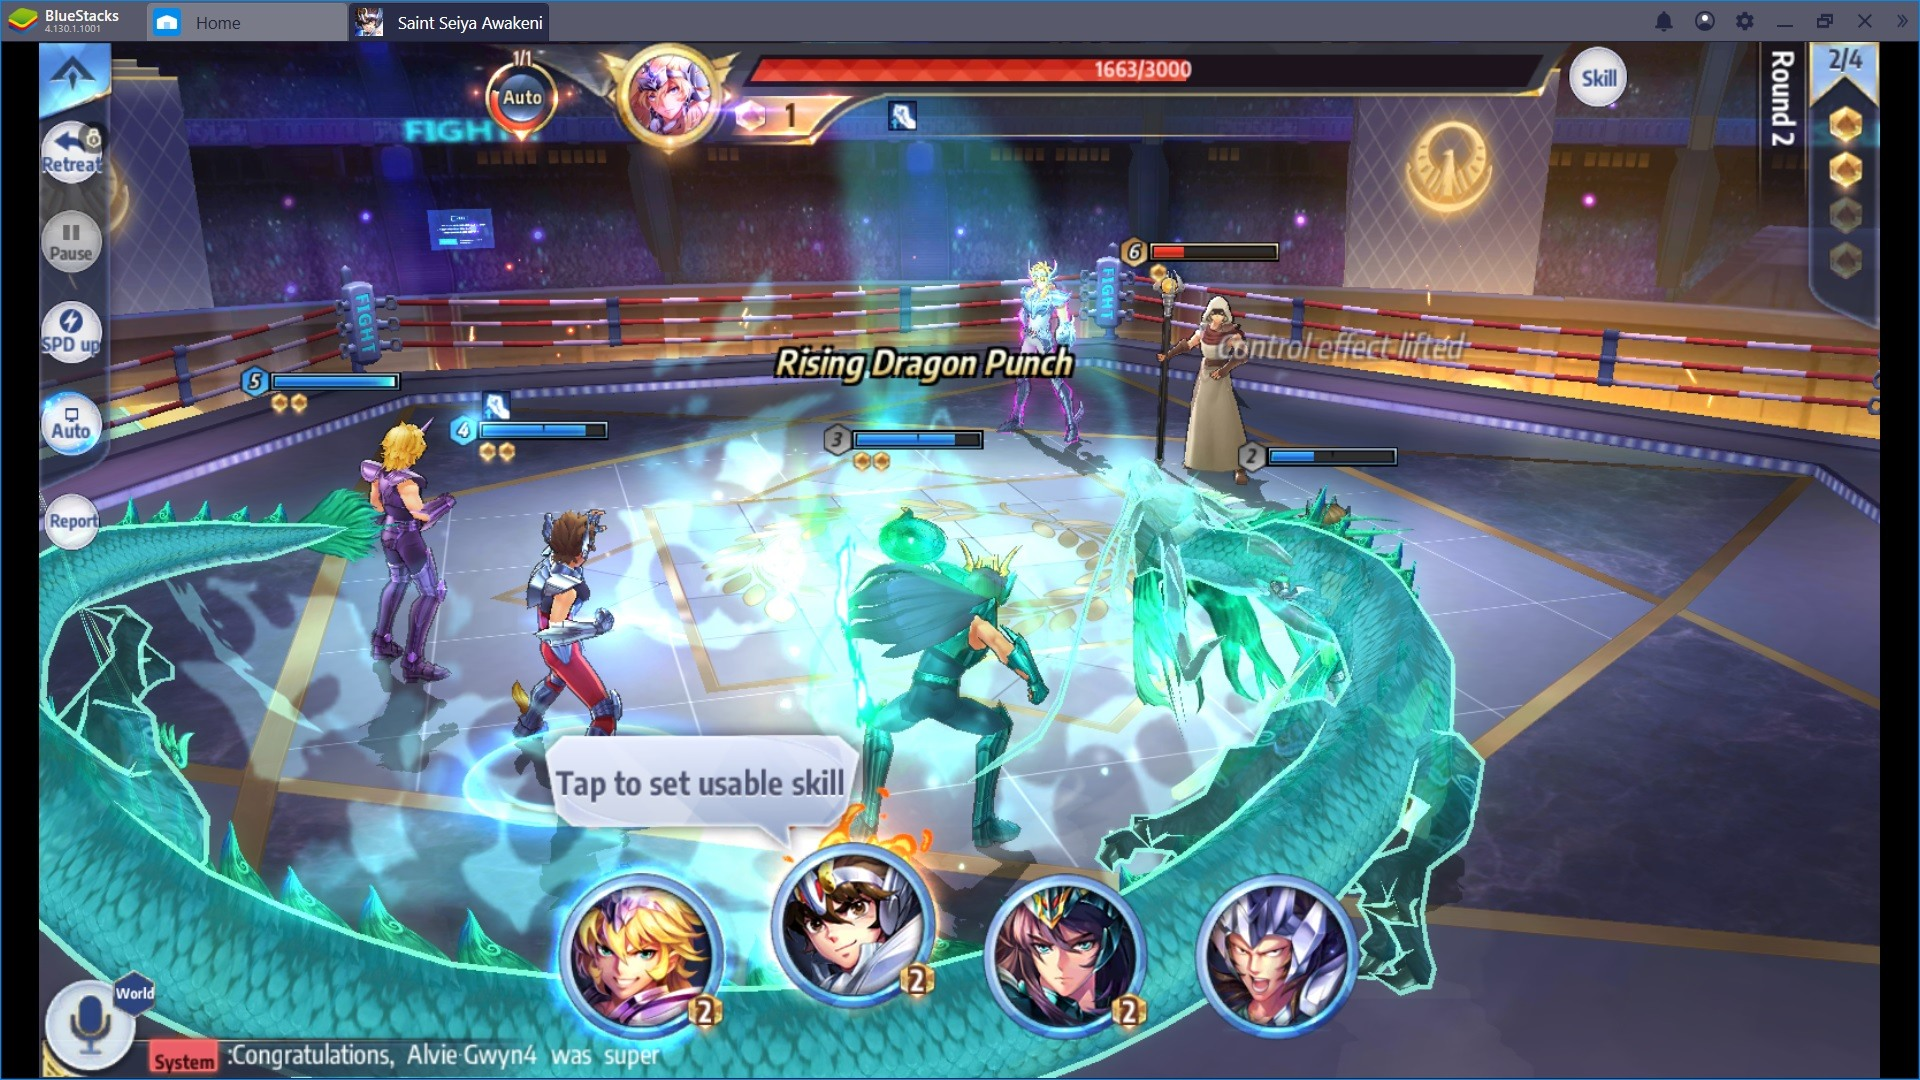 Saint Seiya Awakening: ottimizza la tua esperienza di gioco con Bluestacks